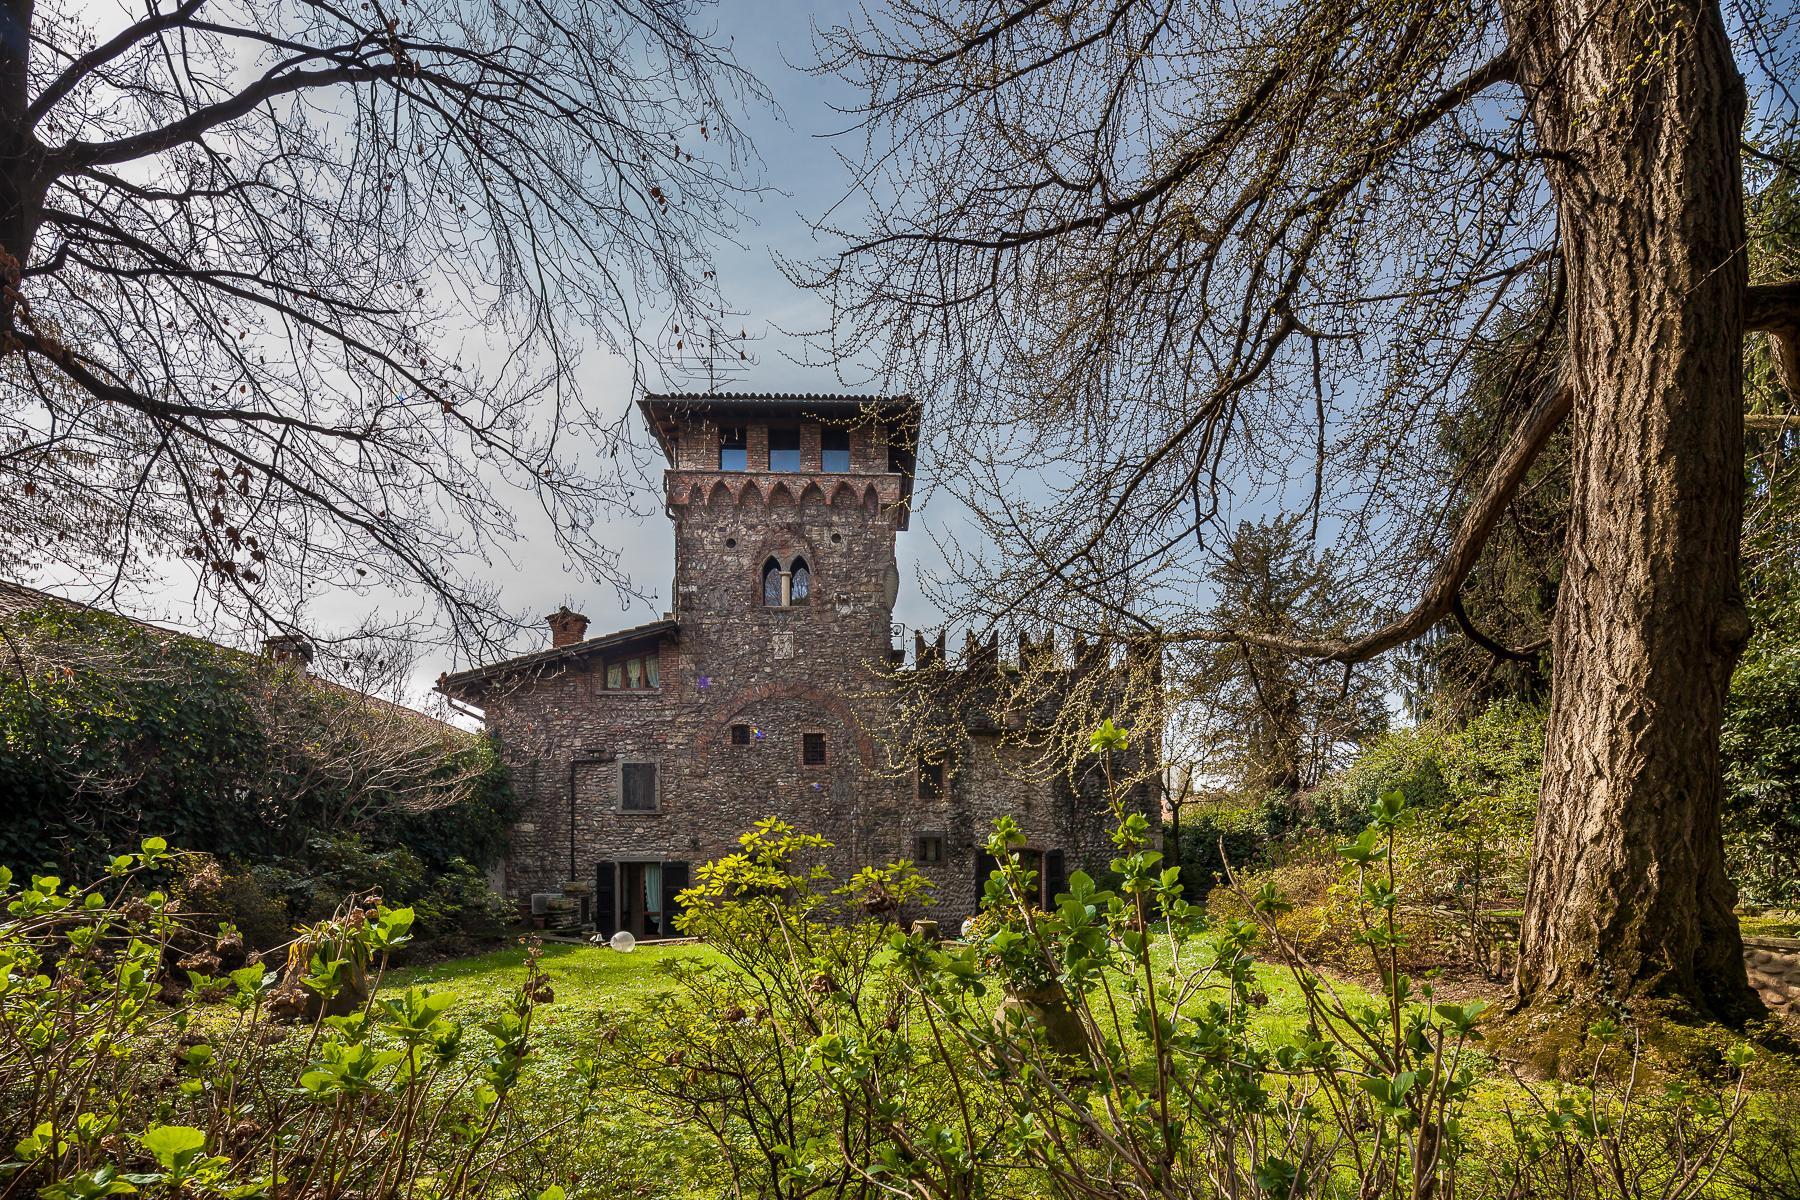 优雅迷人的13世纪城堡 - 1